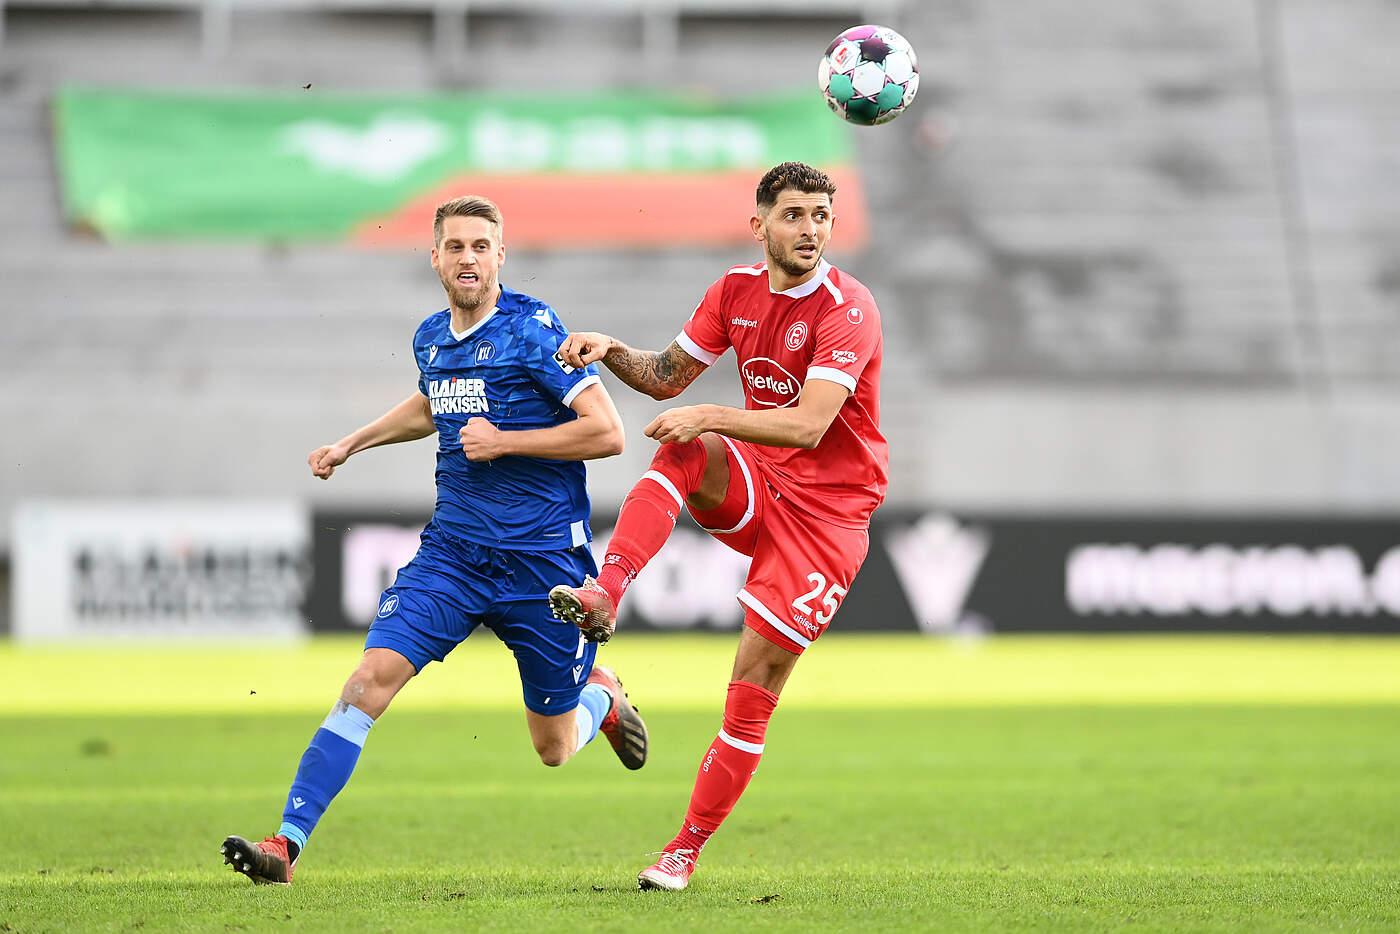 Ksc Fortuna Düsseldorf